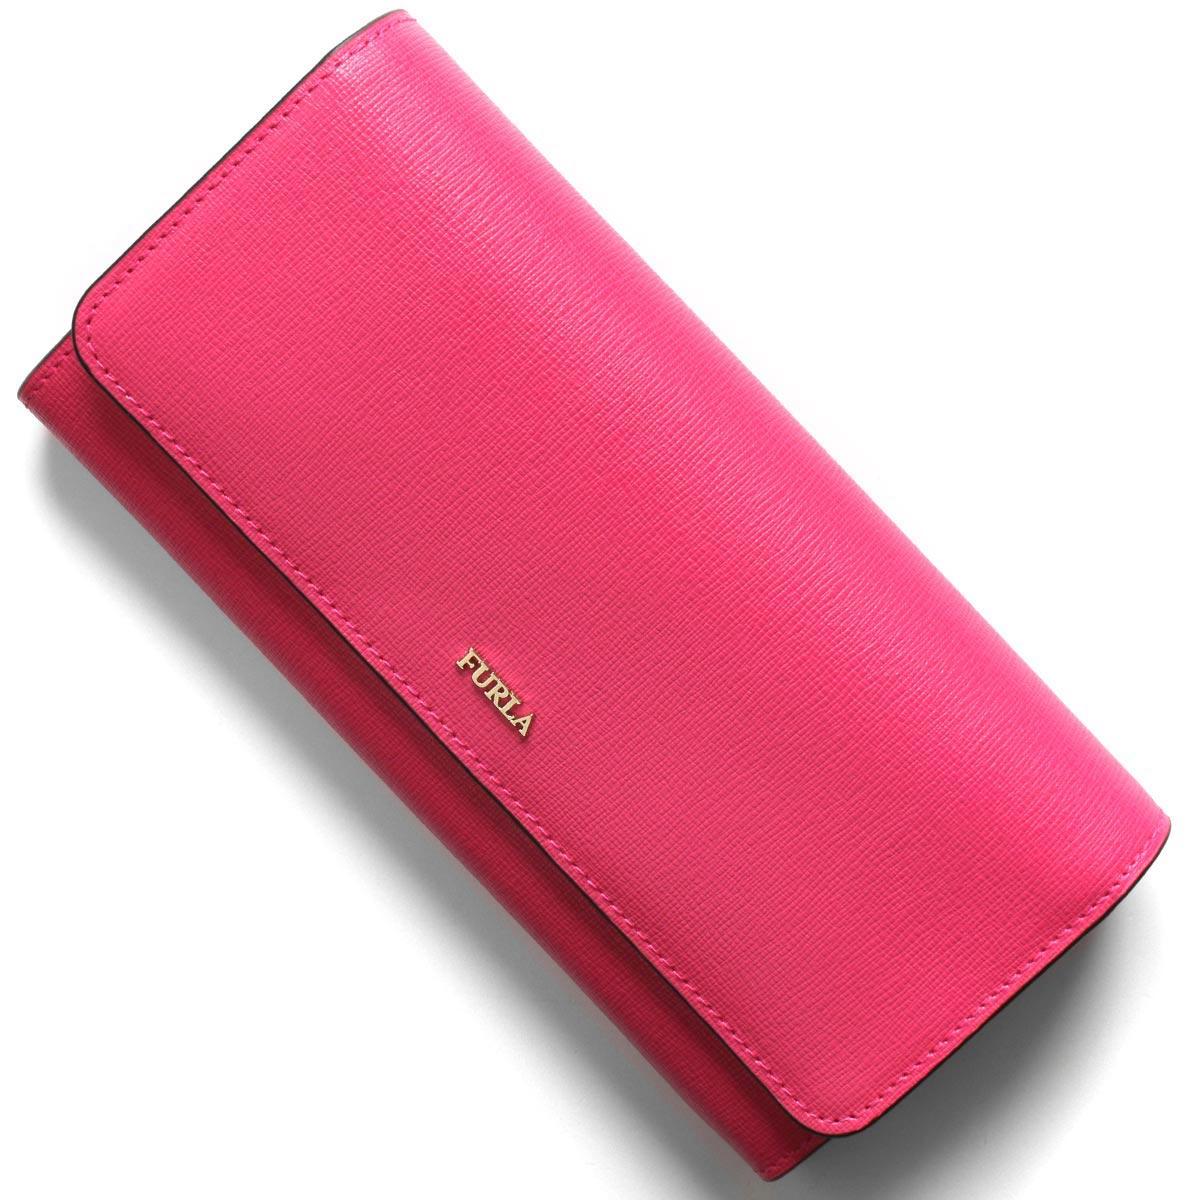 フルラ 長財布 財布 レディース バビロン エクストラ ラージ リップスティックピンク PS12 B30 TJA 1046215 FURLA